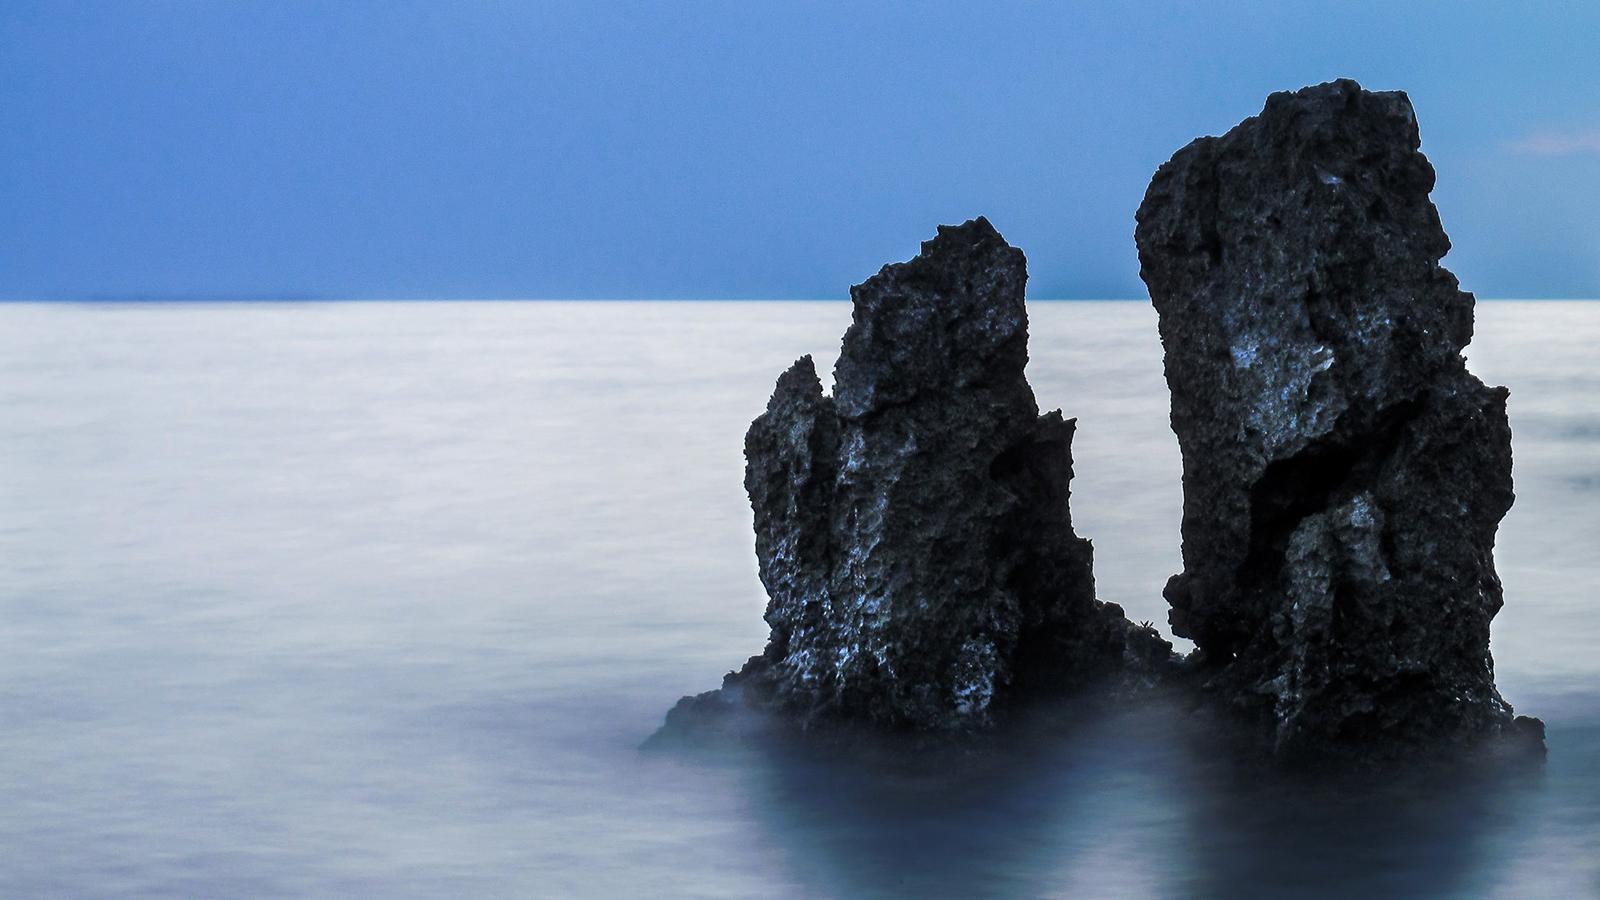 škrape-pejzaž-more-duga-ekspozicija